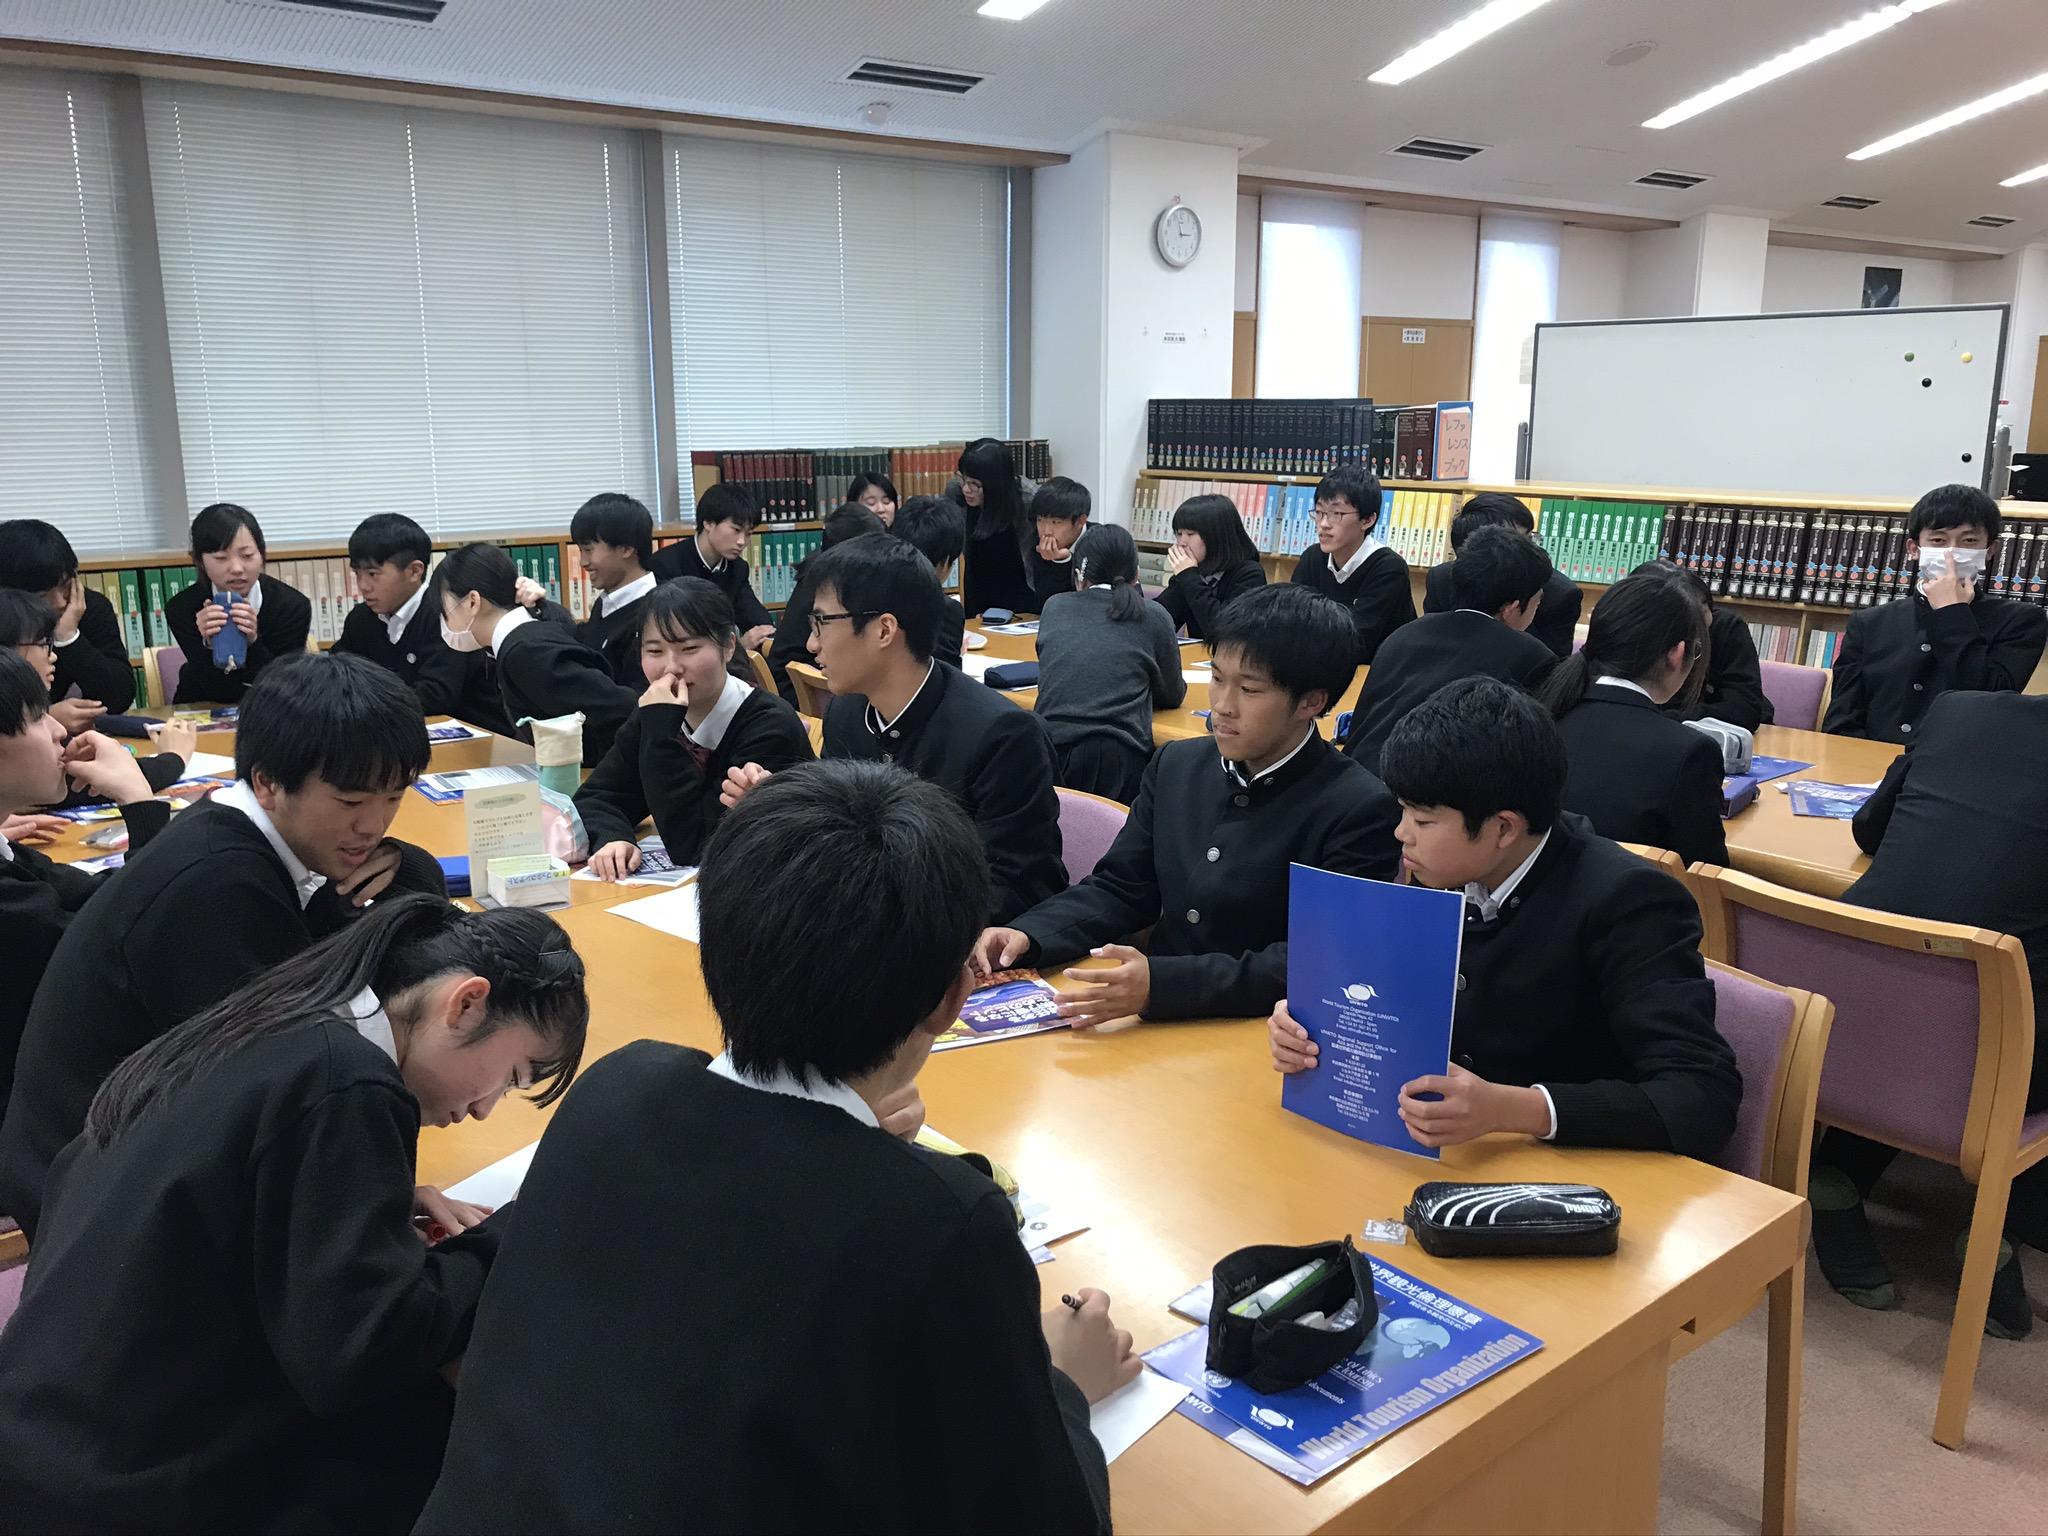 奈良市立一条高校で特別授業を行いました。